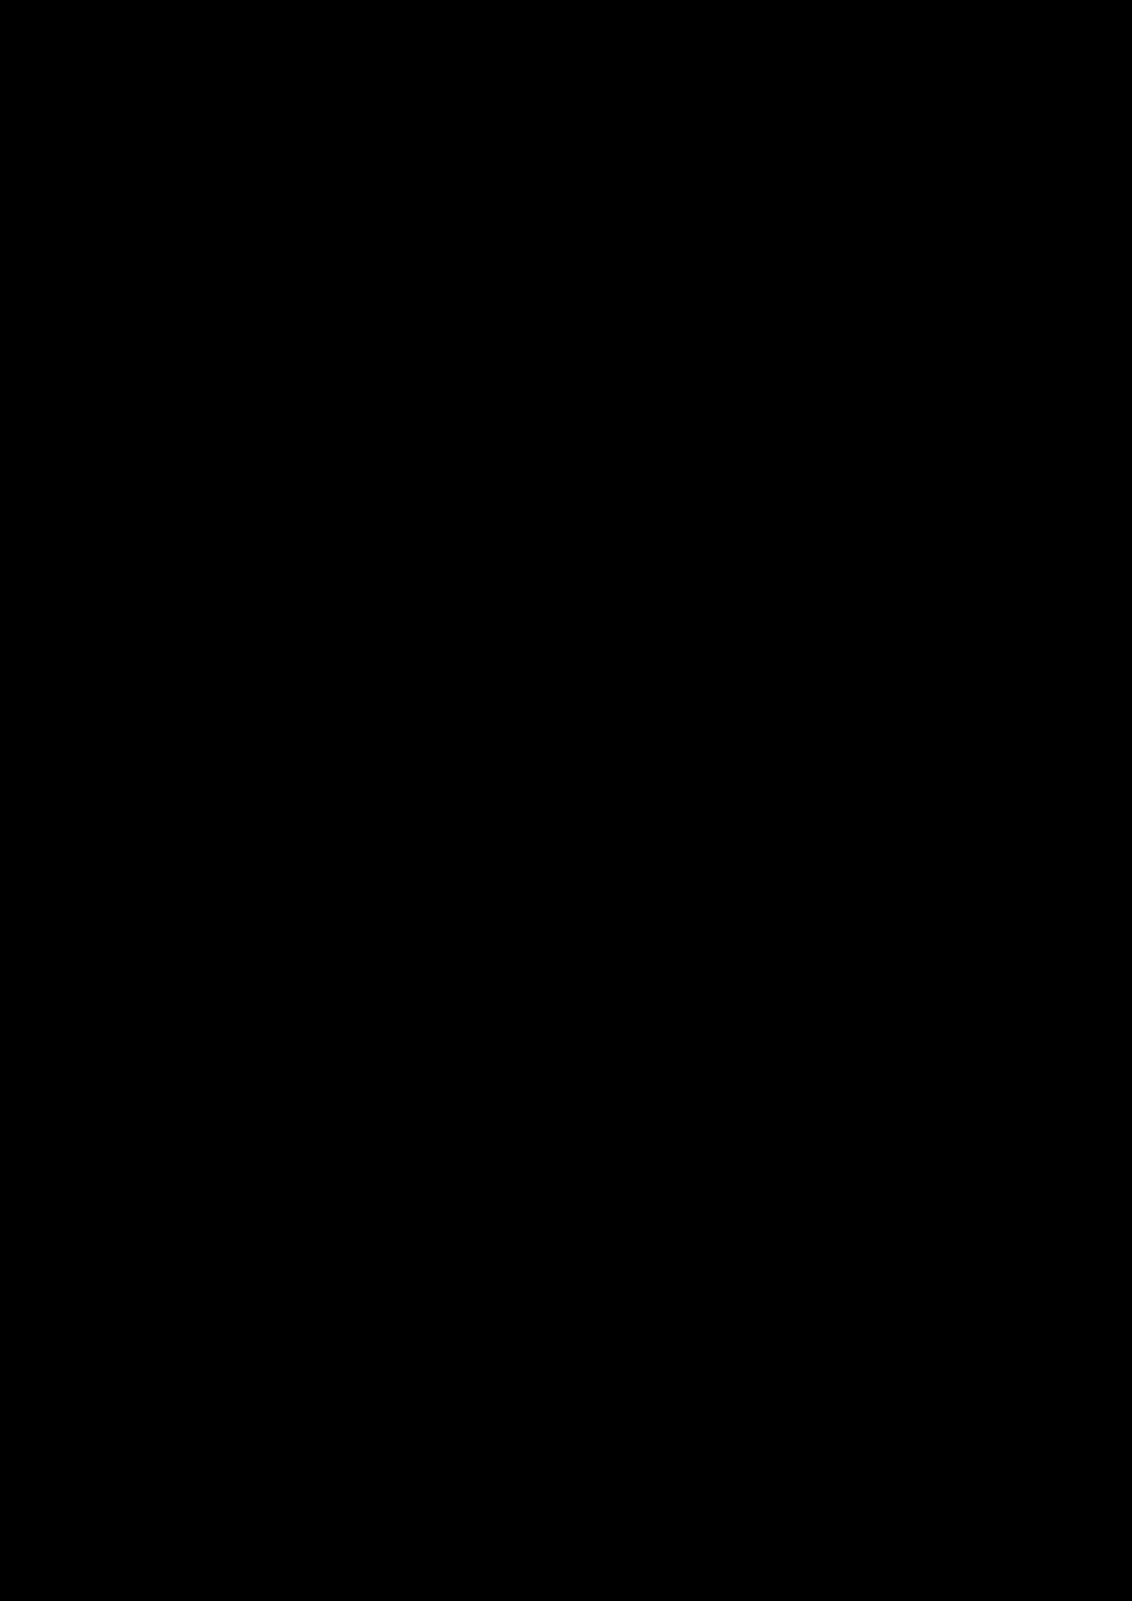 Zagadka volshebnoy stranyi slide, Image 166